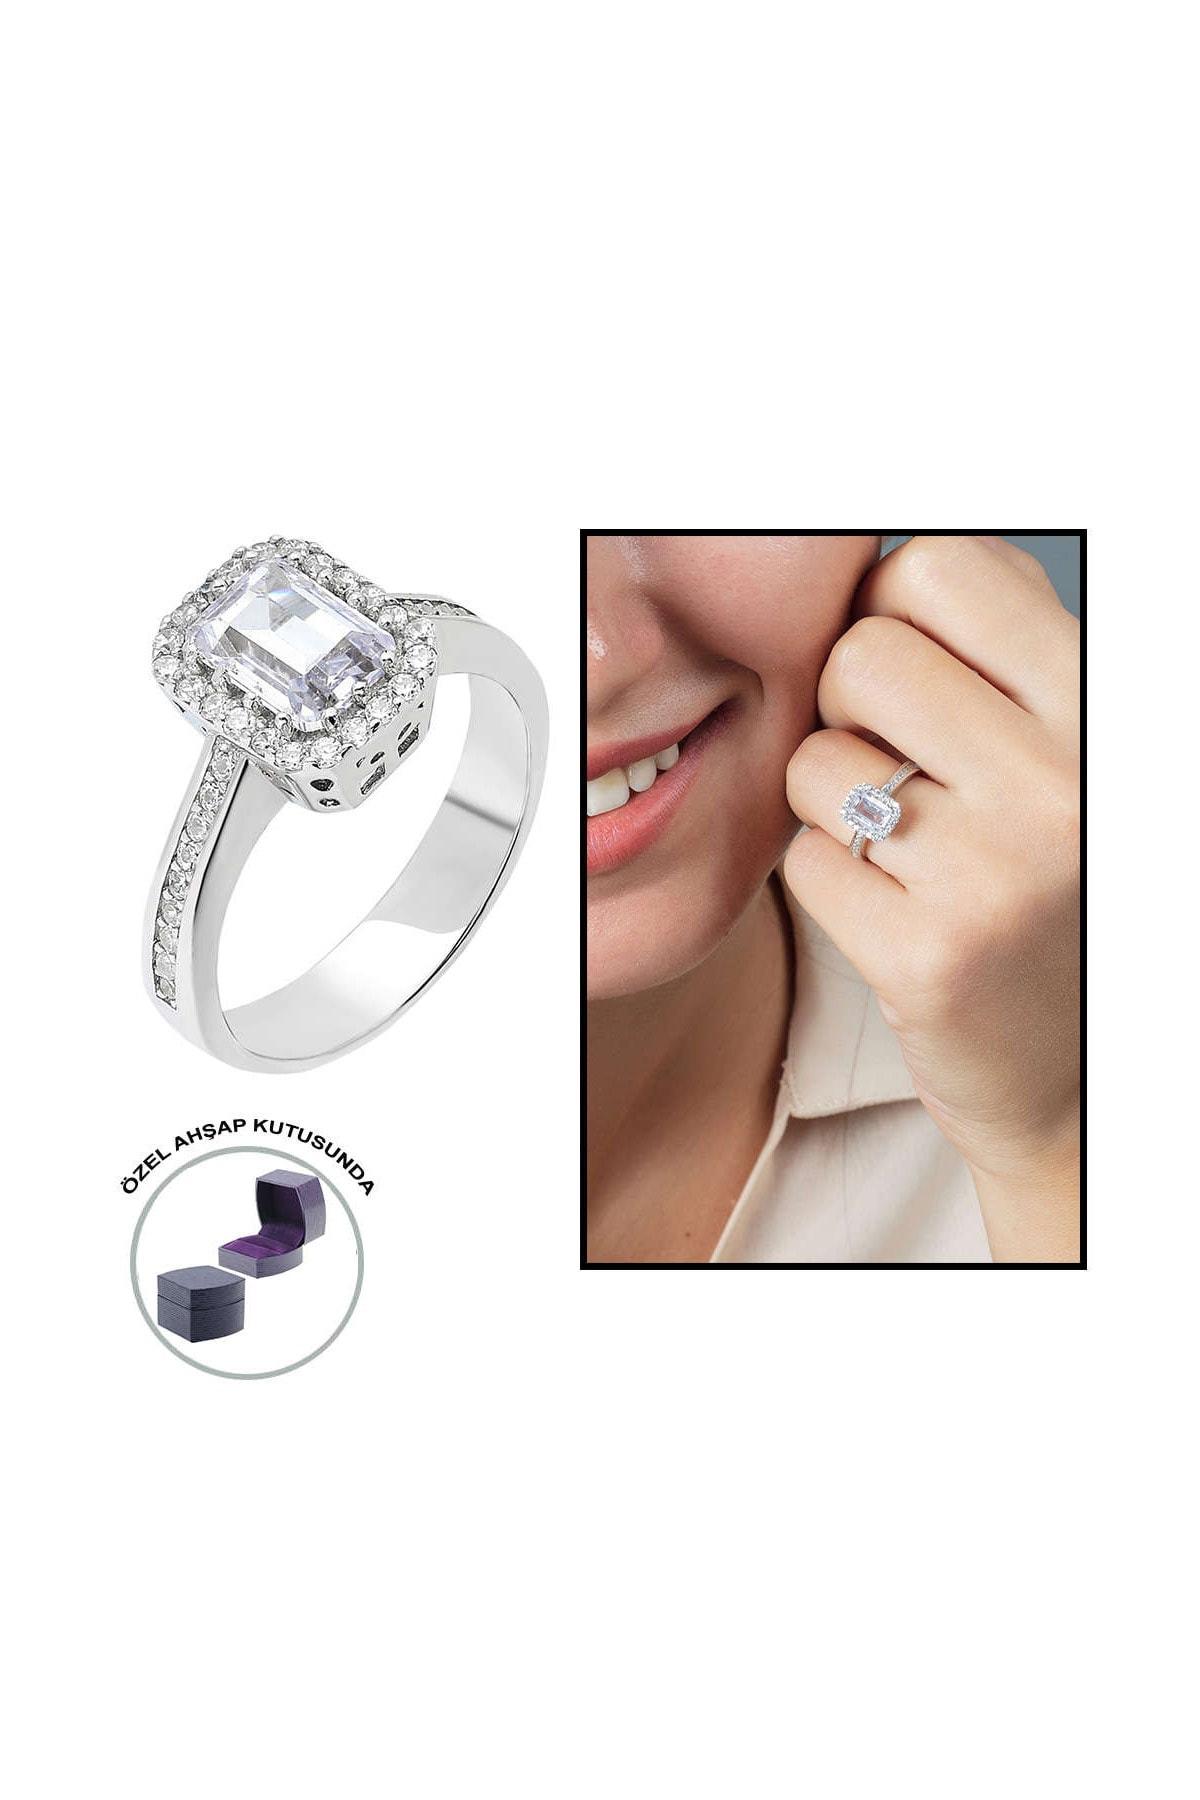 Tesbihane Starlight Diamond Pırlanta Montür Zarif Tasarım 925 Ayar Gümüş Bayan Baget Yüzük 102001798 0